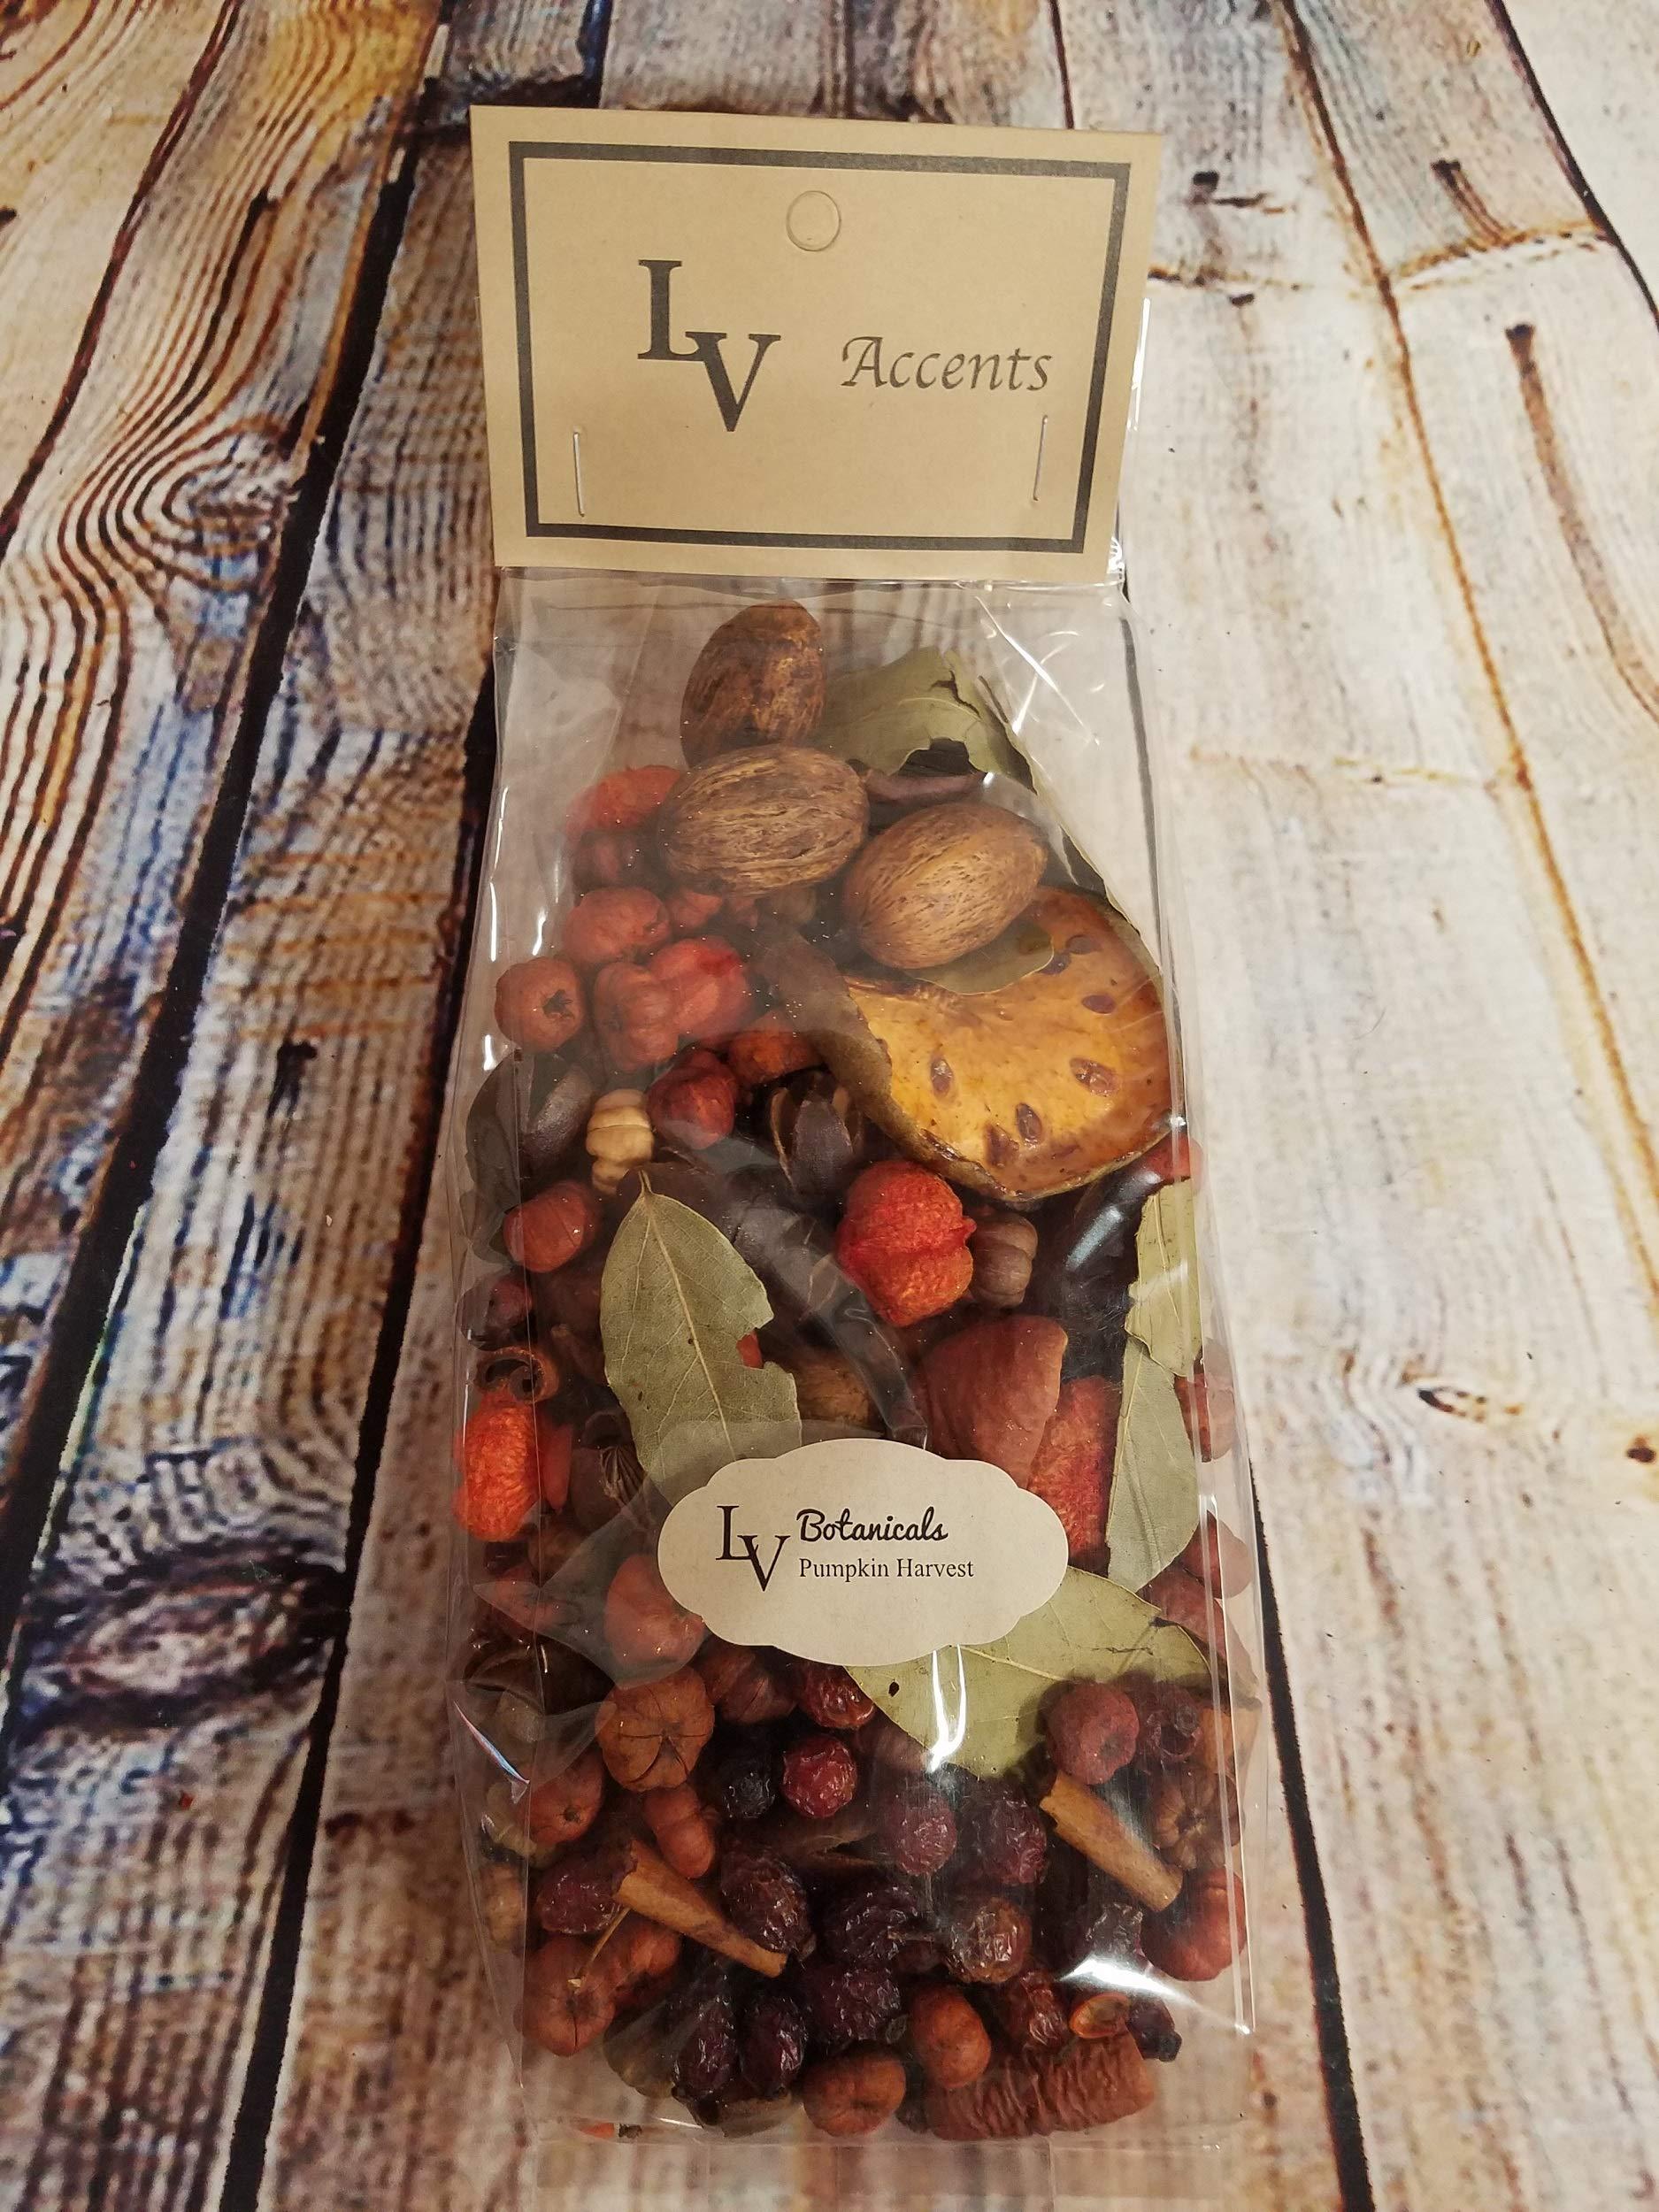 LV Scented Potpourri Blends Bowl Vase Fillers (Pumpkin Harvest) by LV